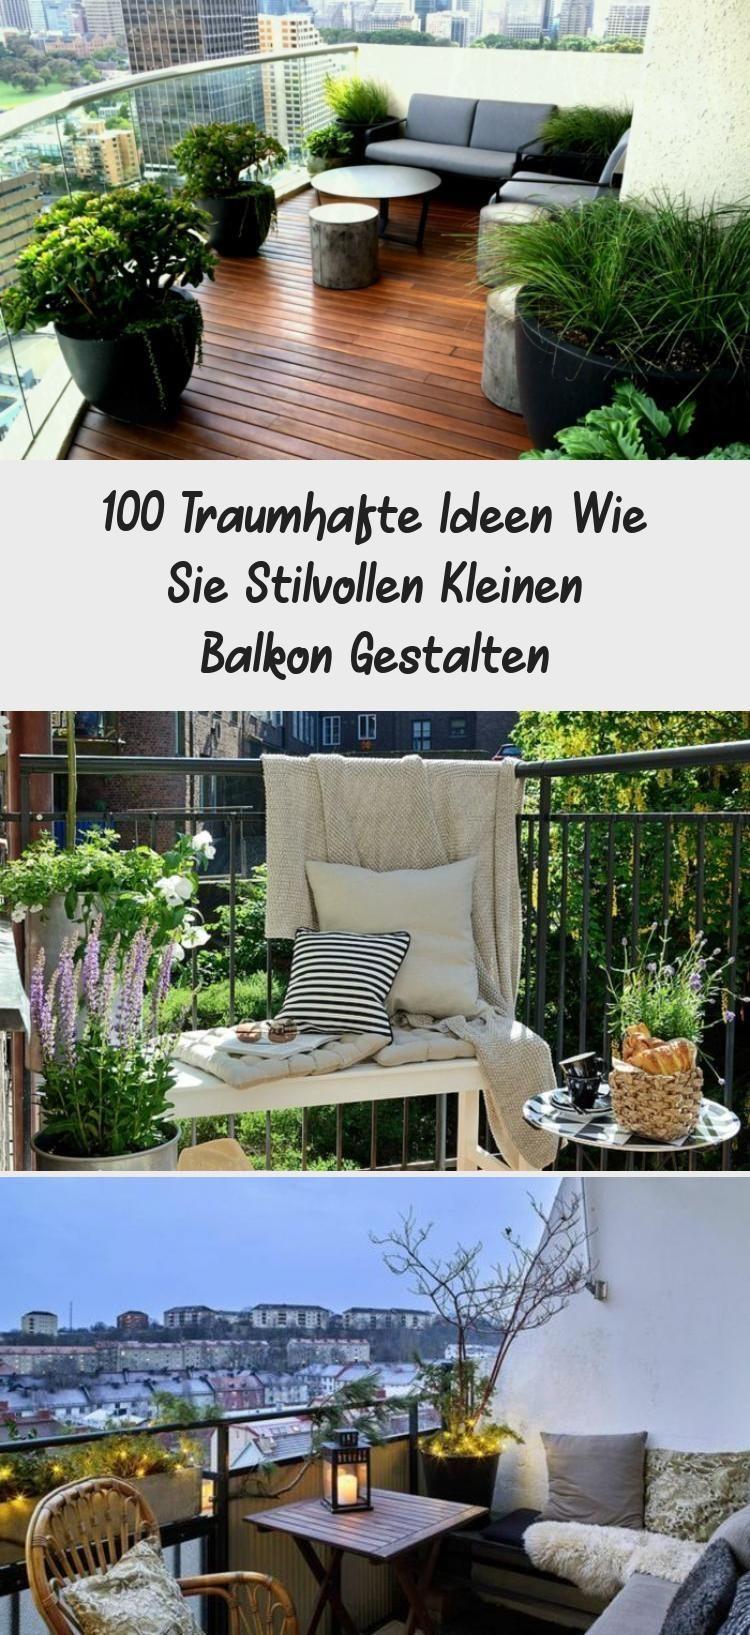 100 Traumhafte Ideen Wie Sie Stilvollen Kleinen Balkon Gestalten - Dekoration - ... -  100 Traumhafte Ideen Wie Sie Stilvollen Kleinen Balkon Gestalten – Dekoration – …, #Balkon #D - #Balkon #dekoration #gestalten #ideen #kleinen #Pflanzideenbalkonkasten #Pflanzideengarten #Pflanzideenwohnung #Sie #stilvollen #traumhafte #Wie